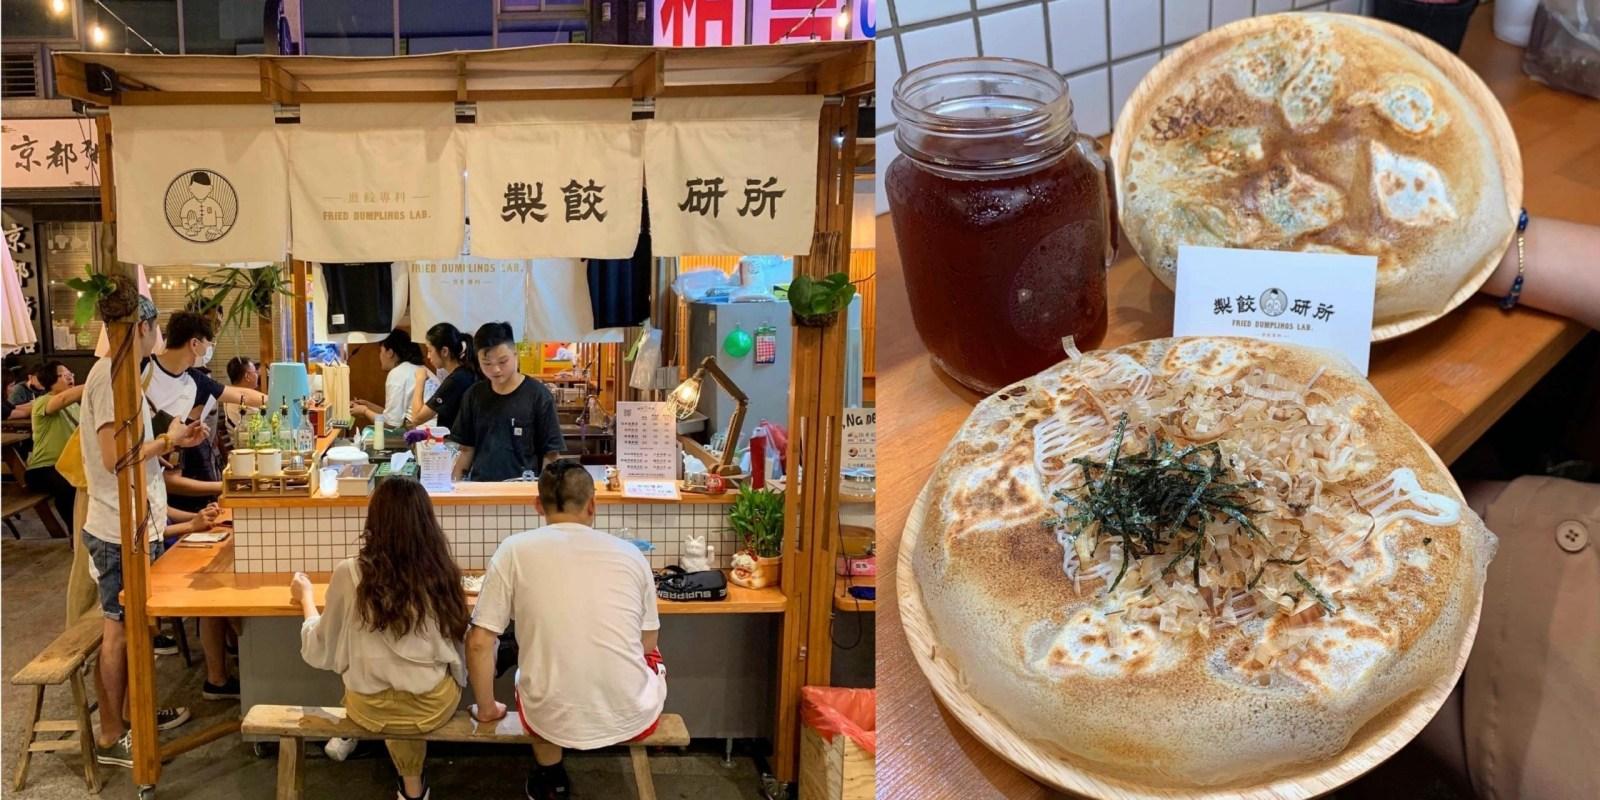 [台中美食] 製餃研所 - 超脆煎餃!位於富地市場的可愛攤子